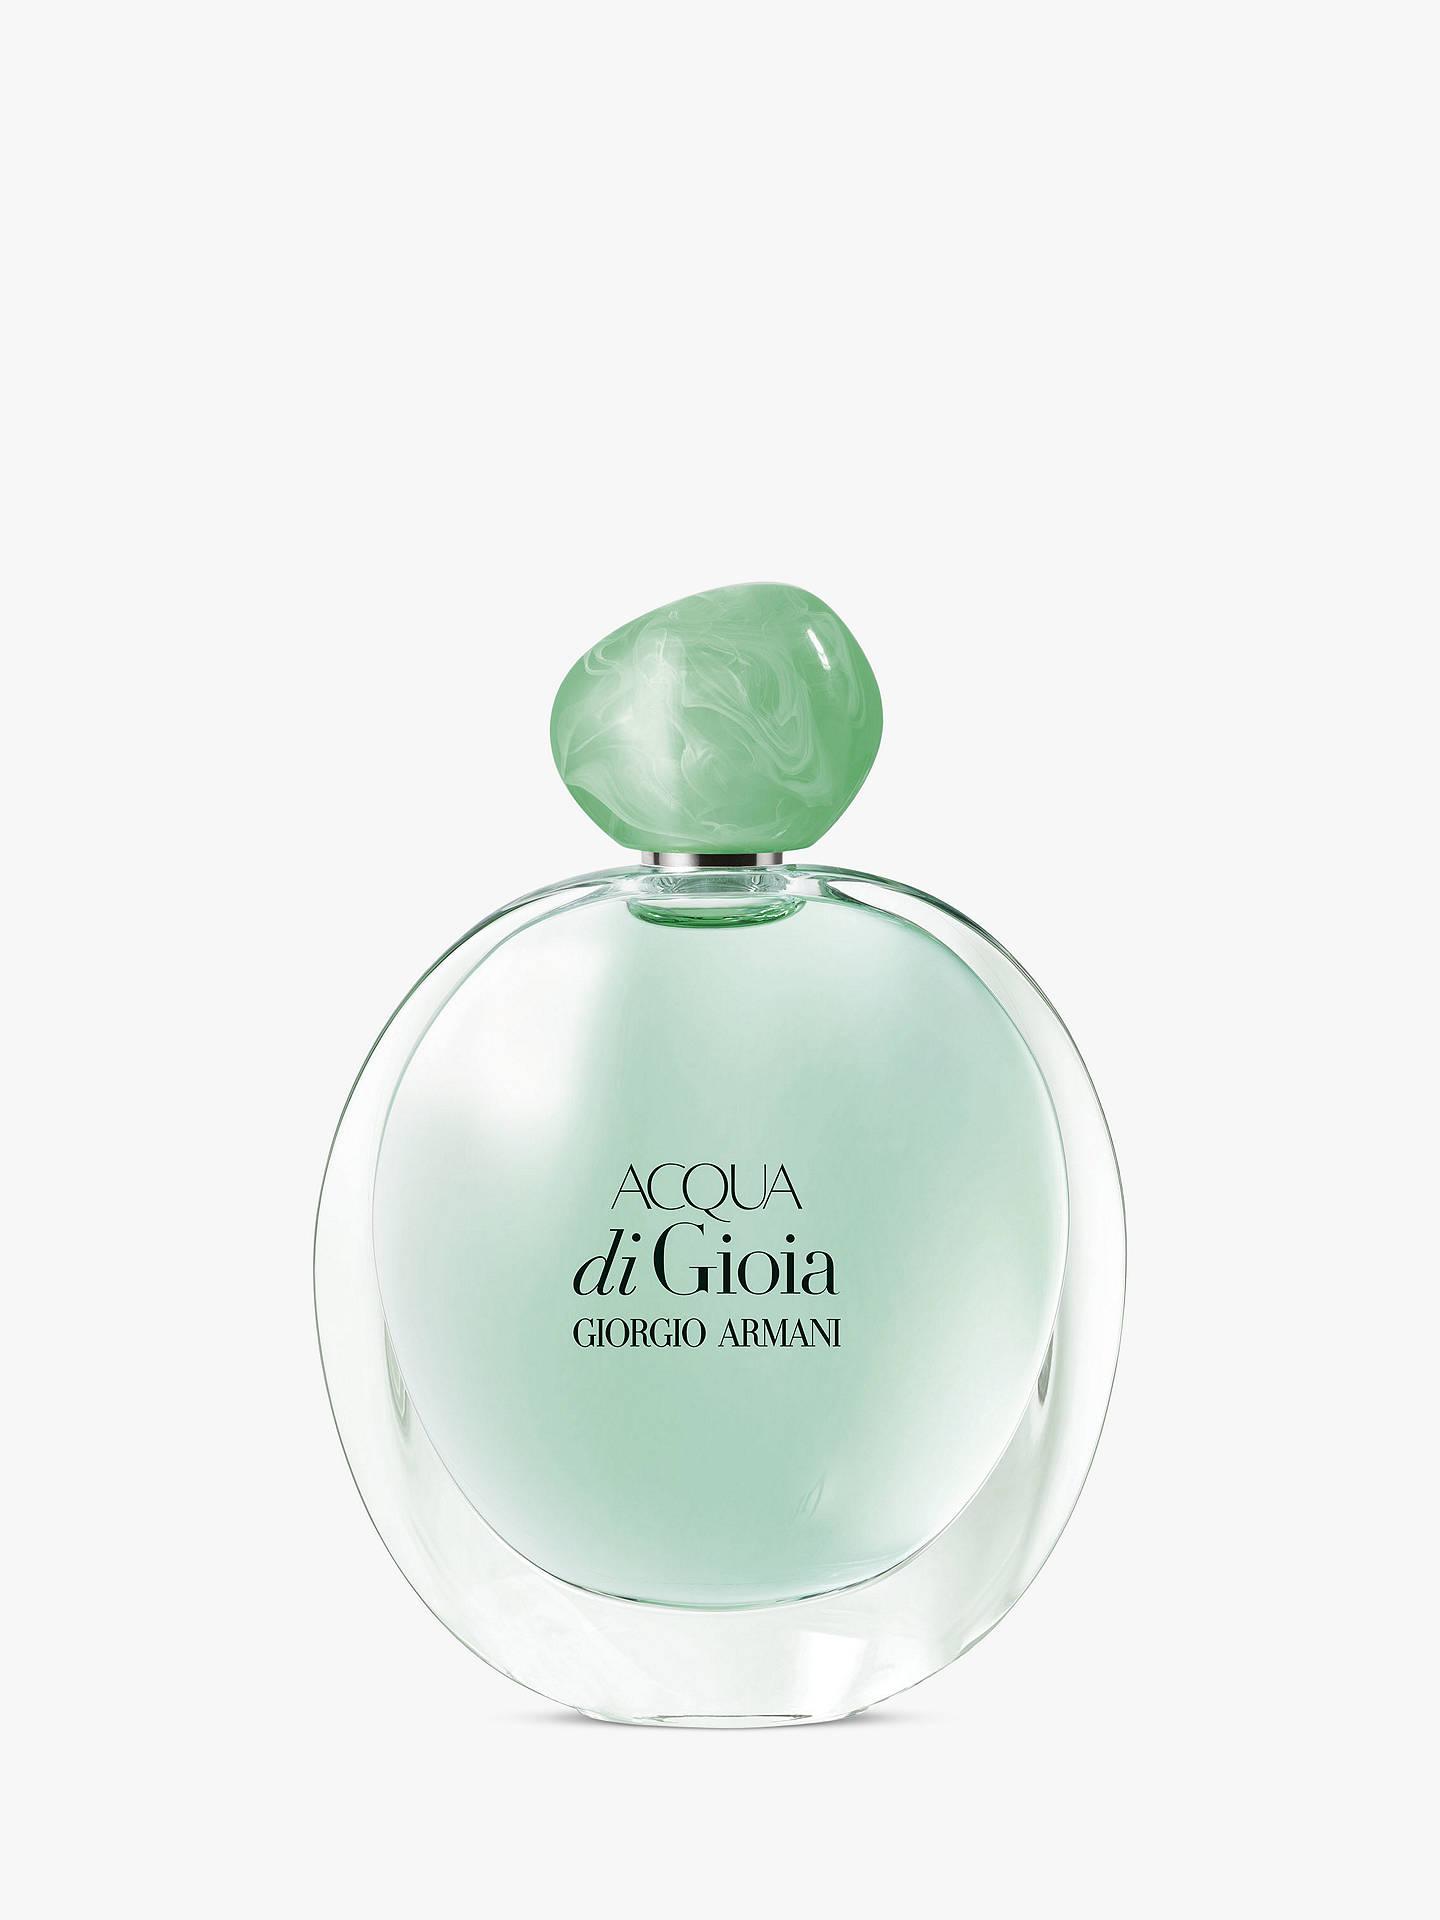 Giorgio Armani Acqua Di Gioia Eau De Parfum At John Lewis Partners